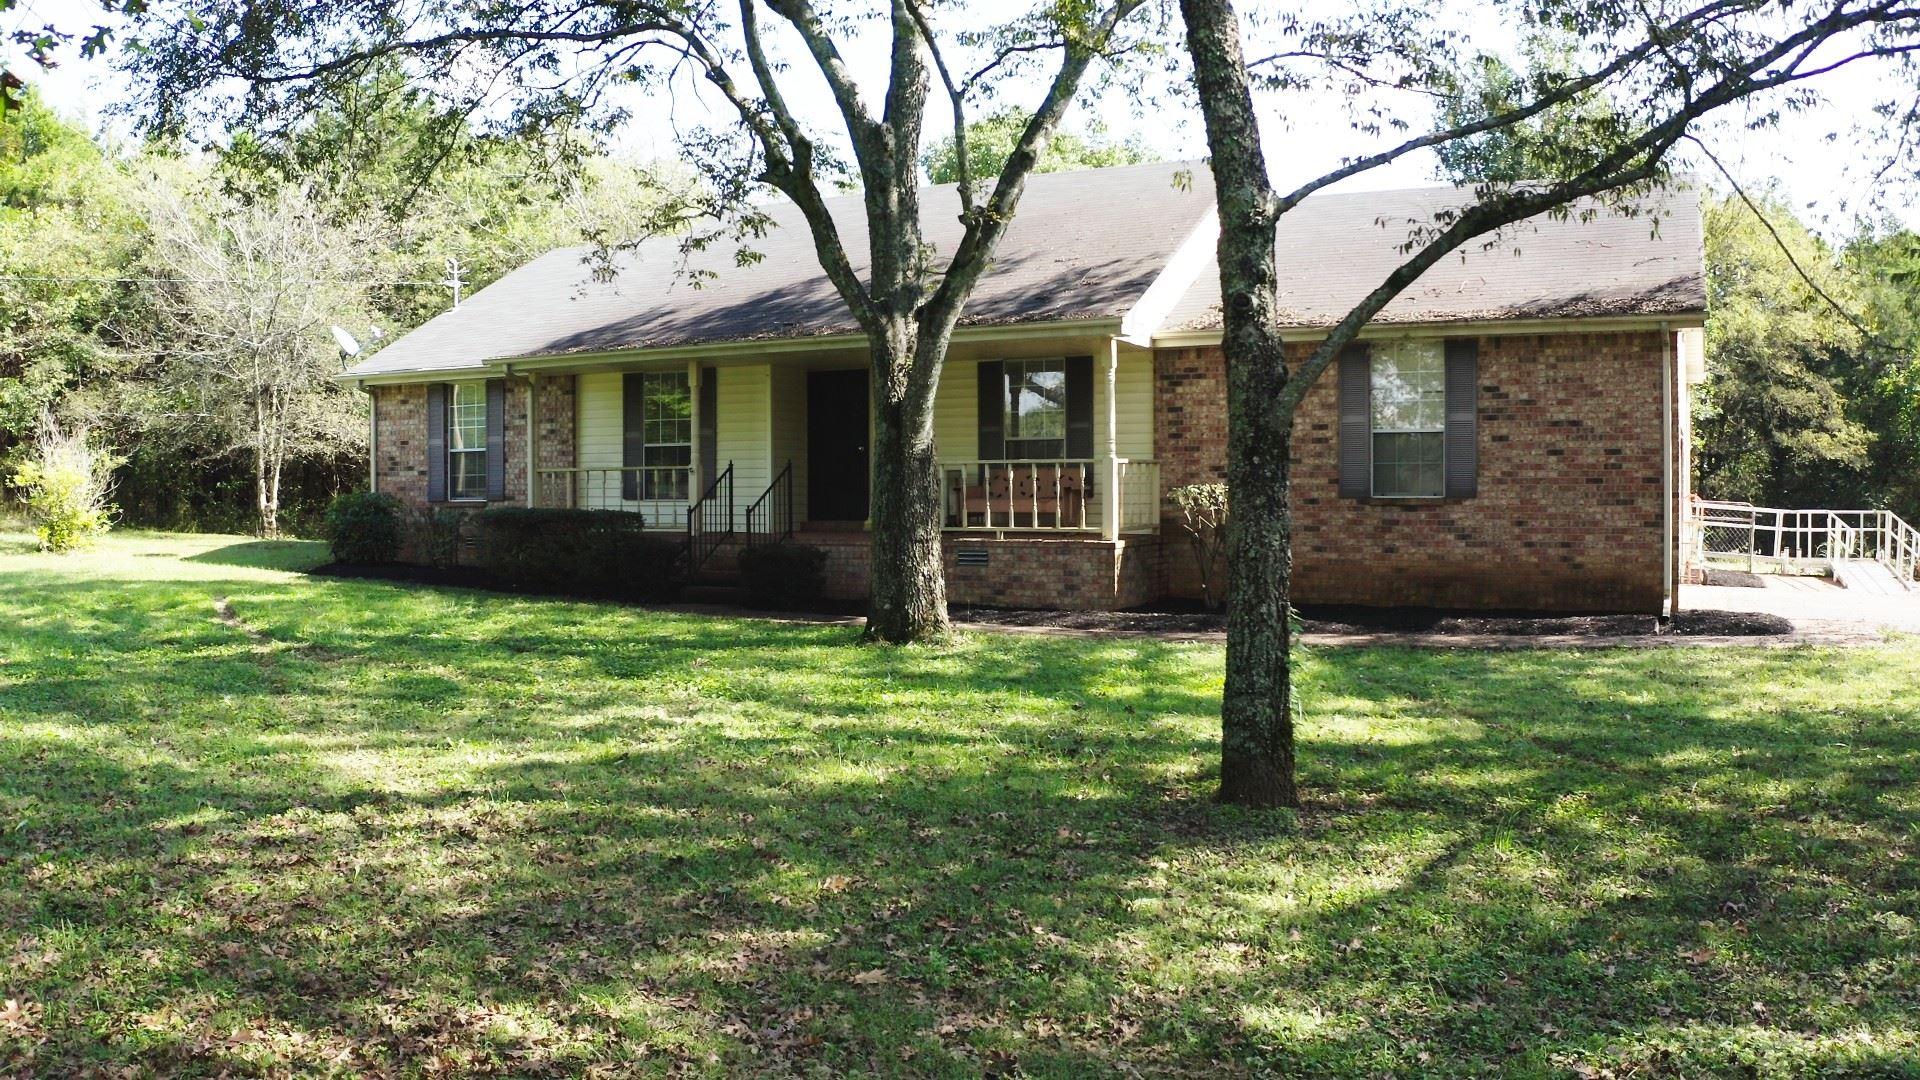 6458 Wade Springs Rd, Murfreesboro, TN 37130 - MLS#: 2298017